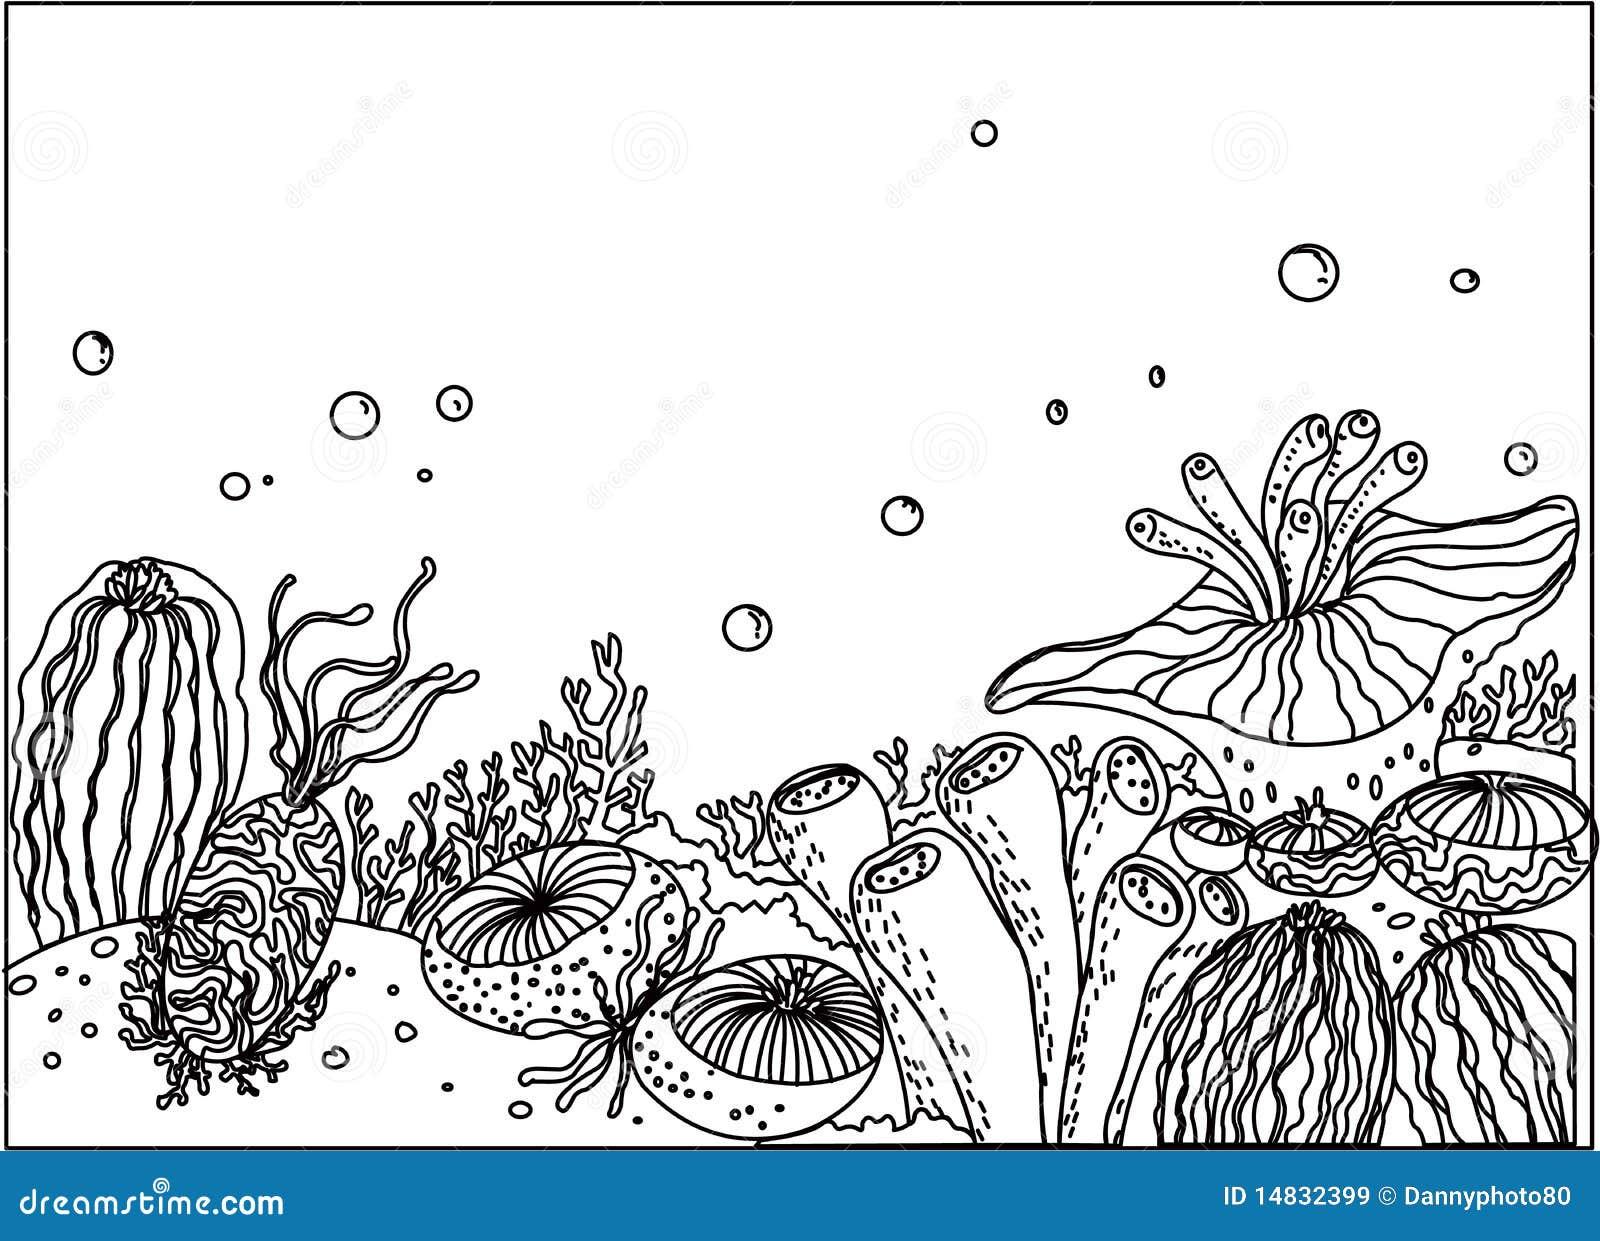 Underwater Ocean Plant Drawings Sketch Coloring Page